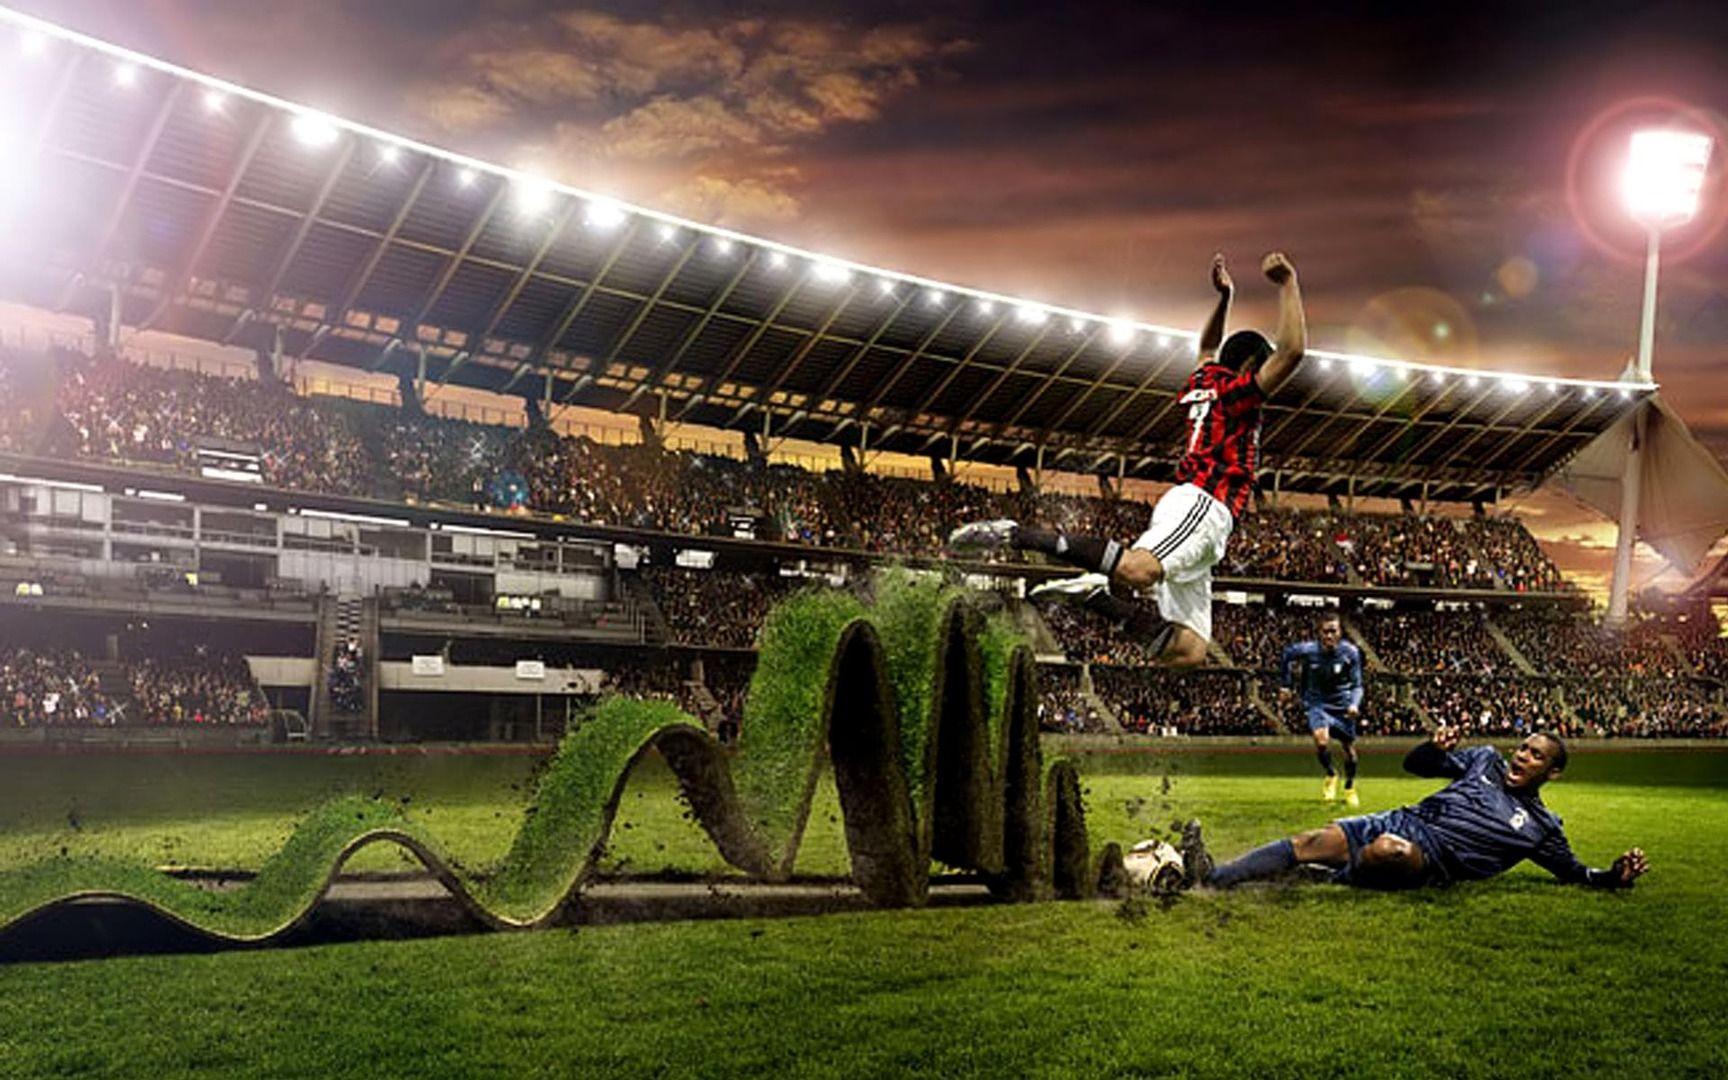 4K Ultra HD Soccer Wallpapers - Top Free 4K Ultra HD Soccer